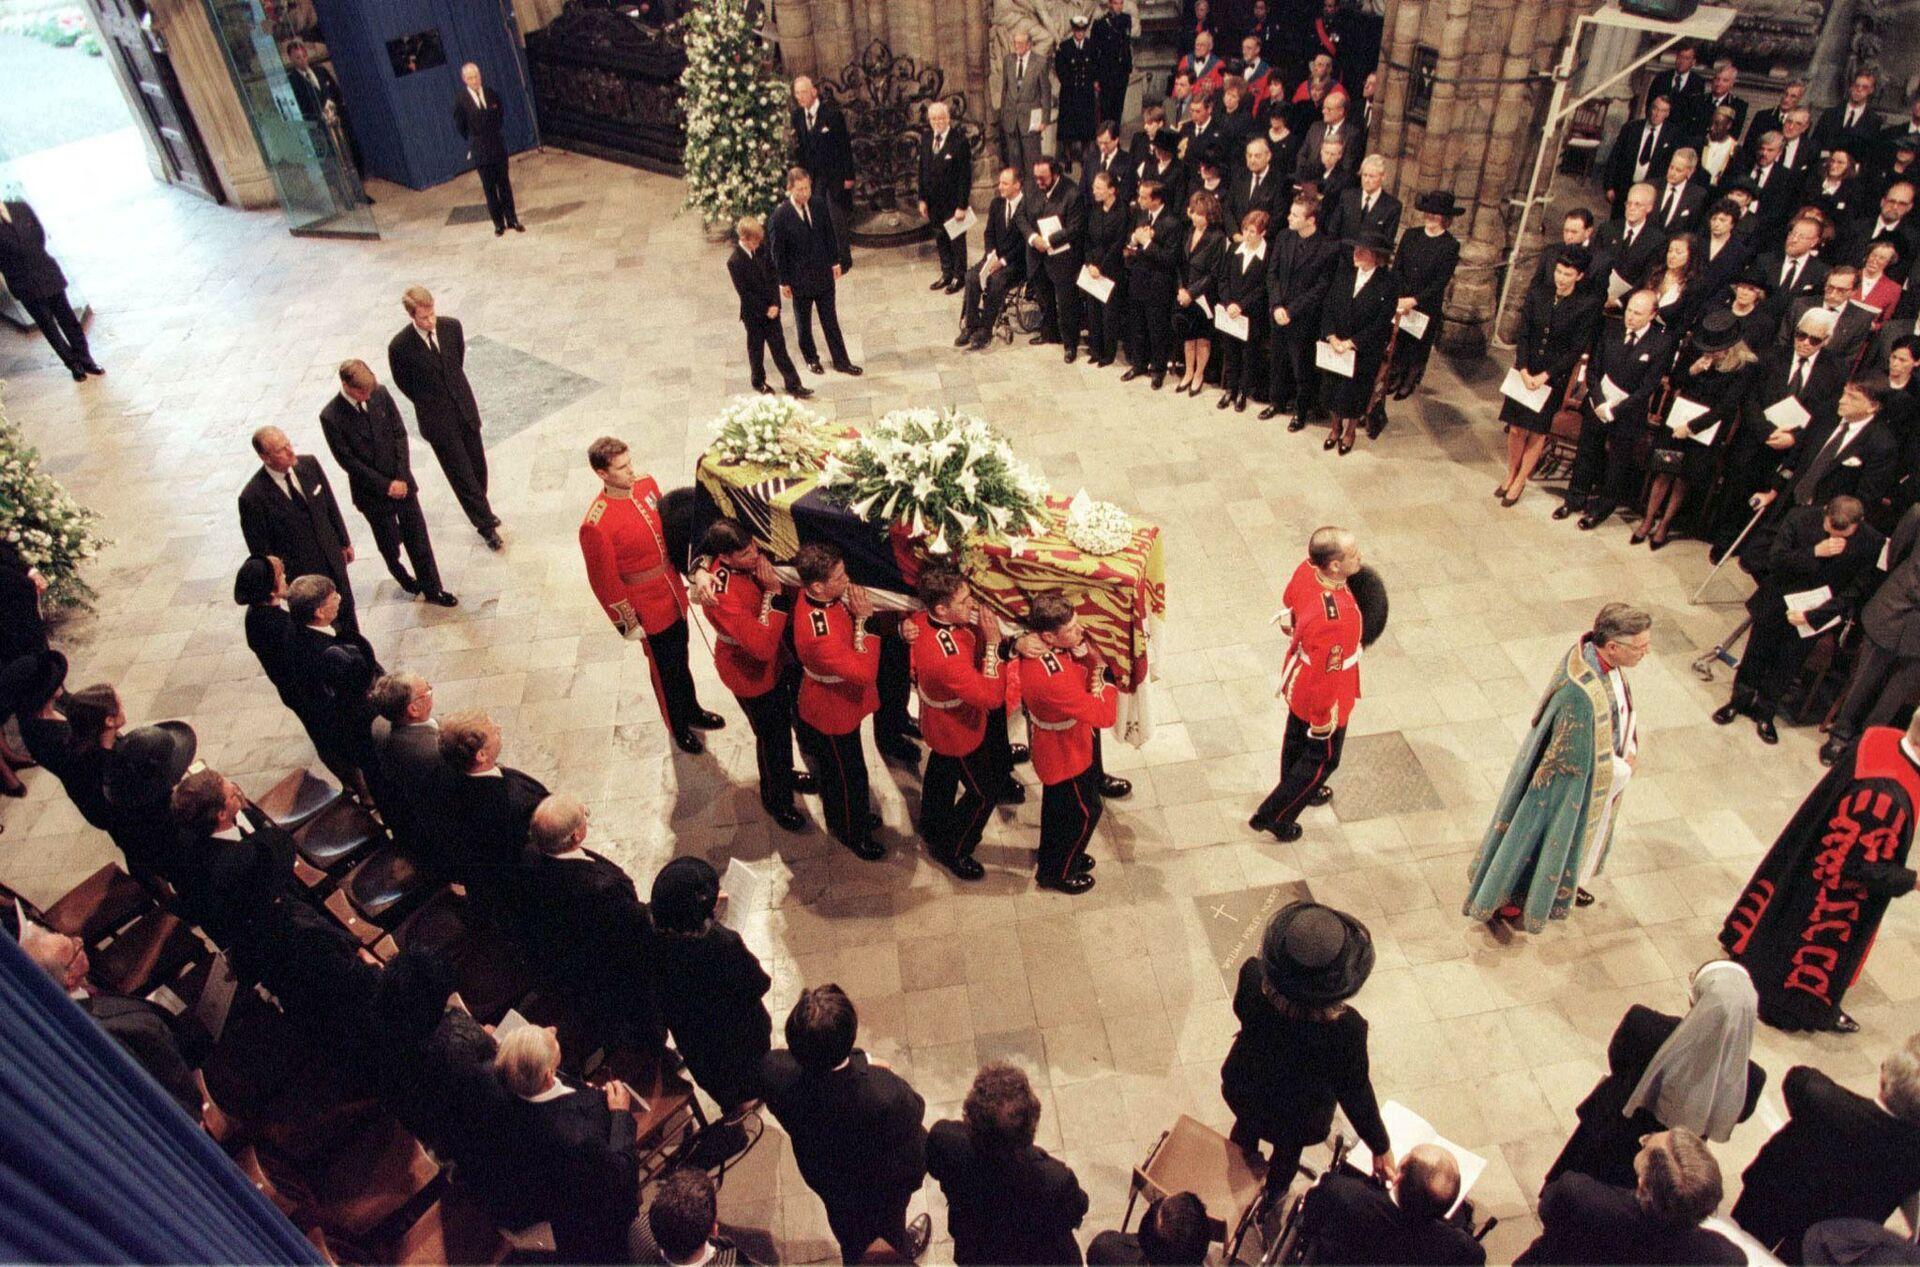 Похороны принцессы Дианы в Вестминстерском аббатстве, 6 сентября 1997 года - Sputnik Азербайджан, 1920, 01.10.2021